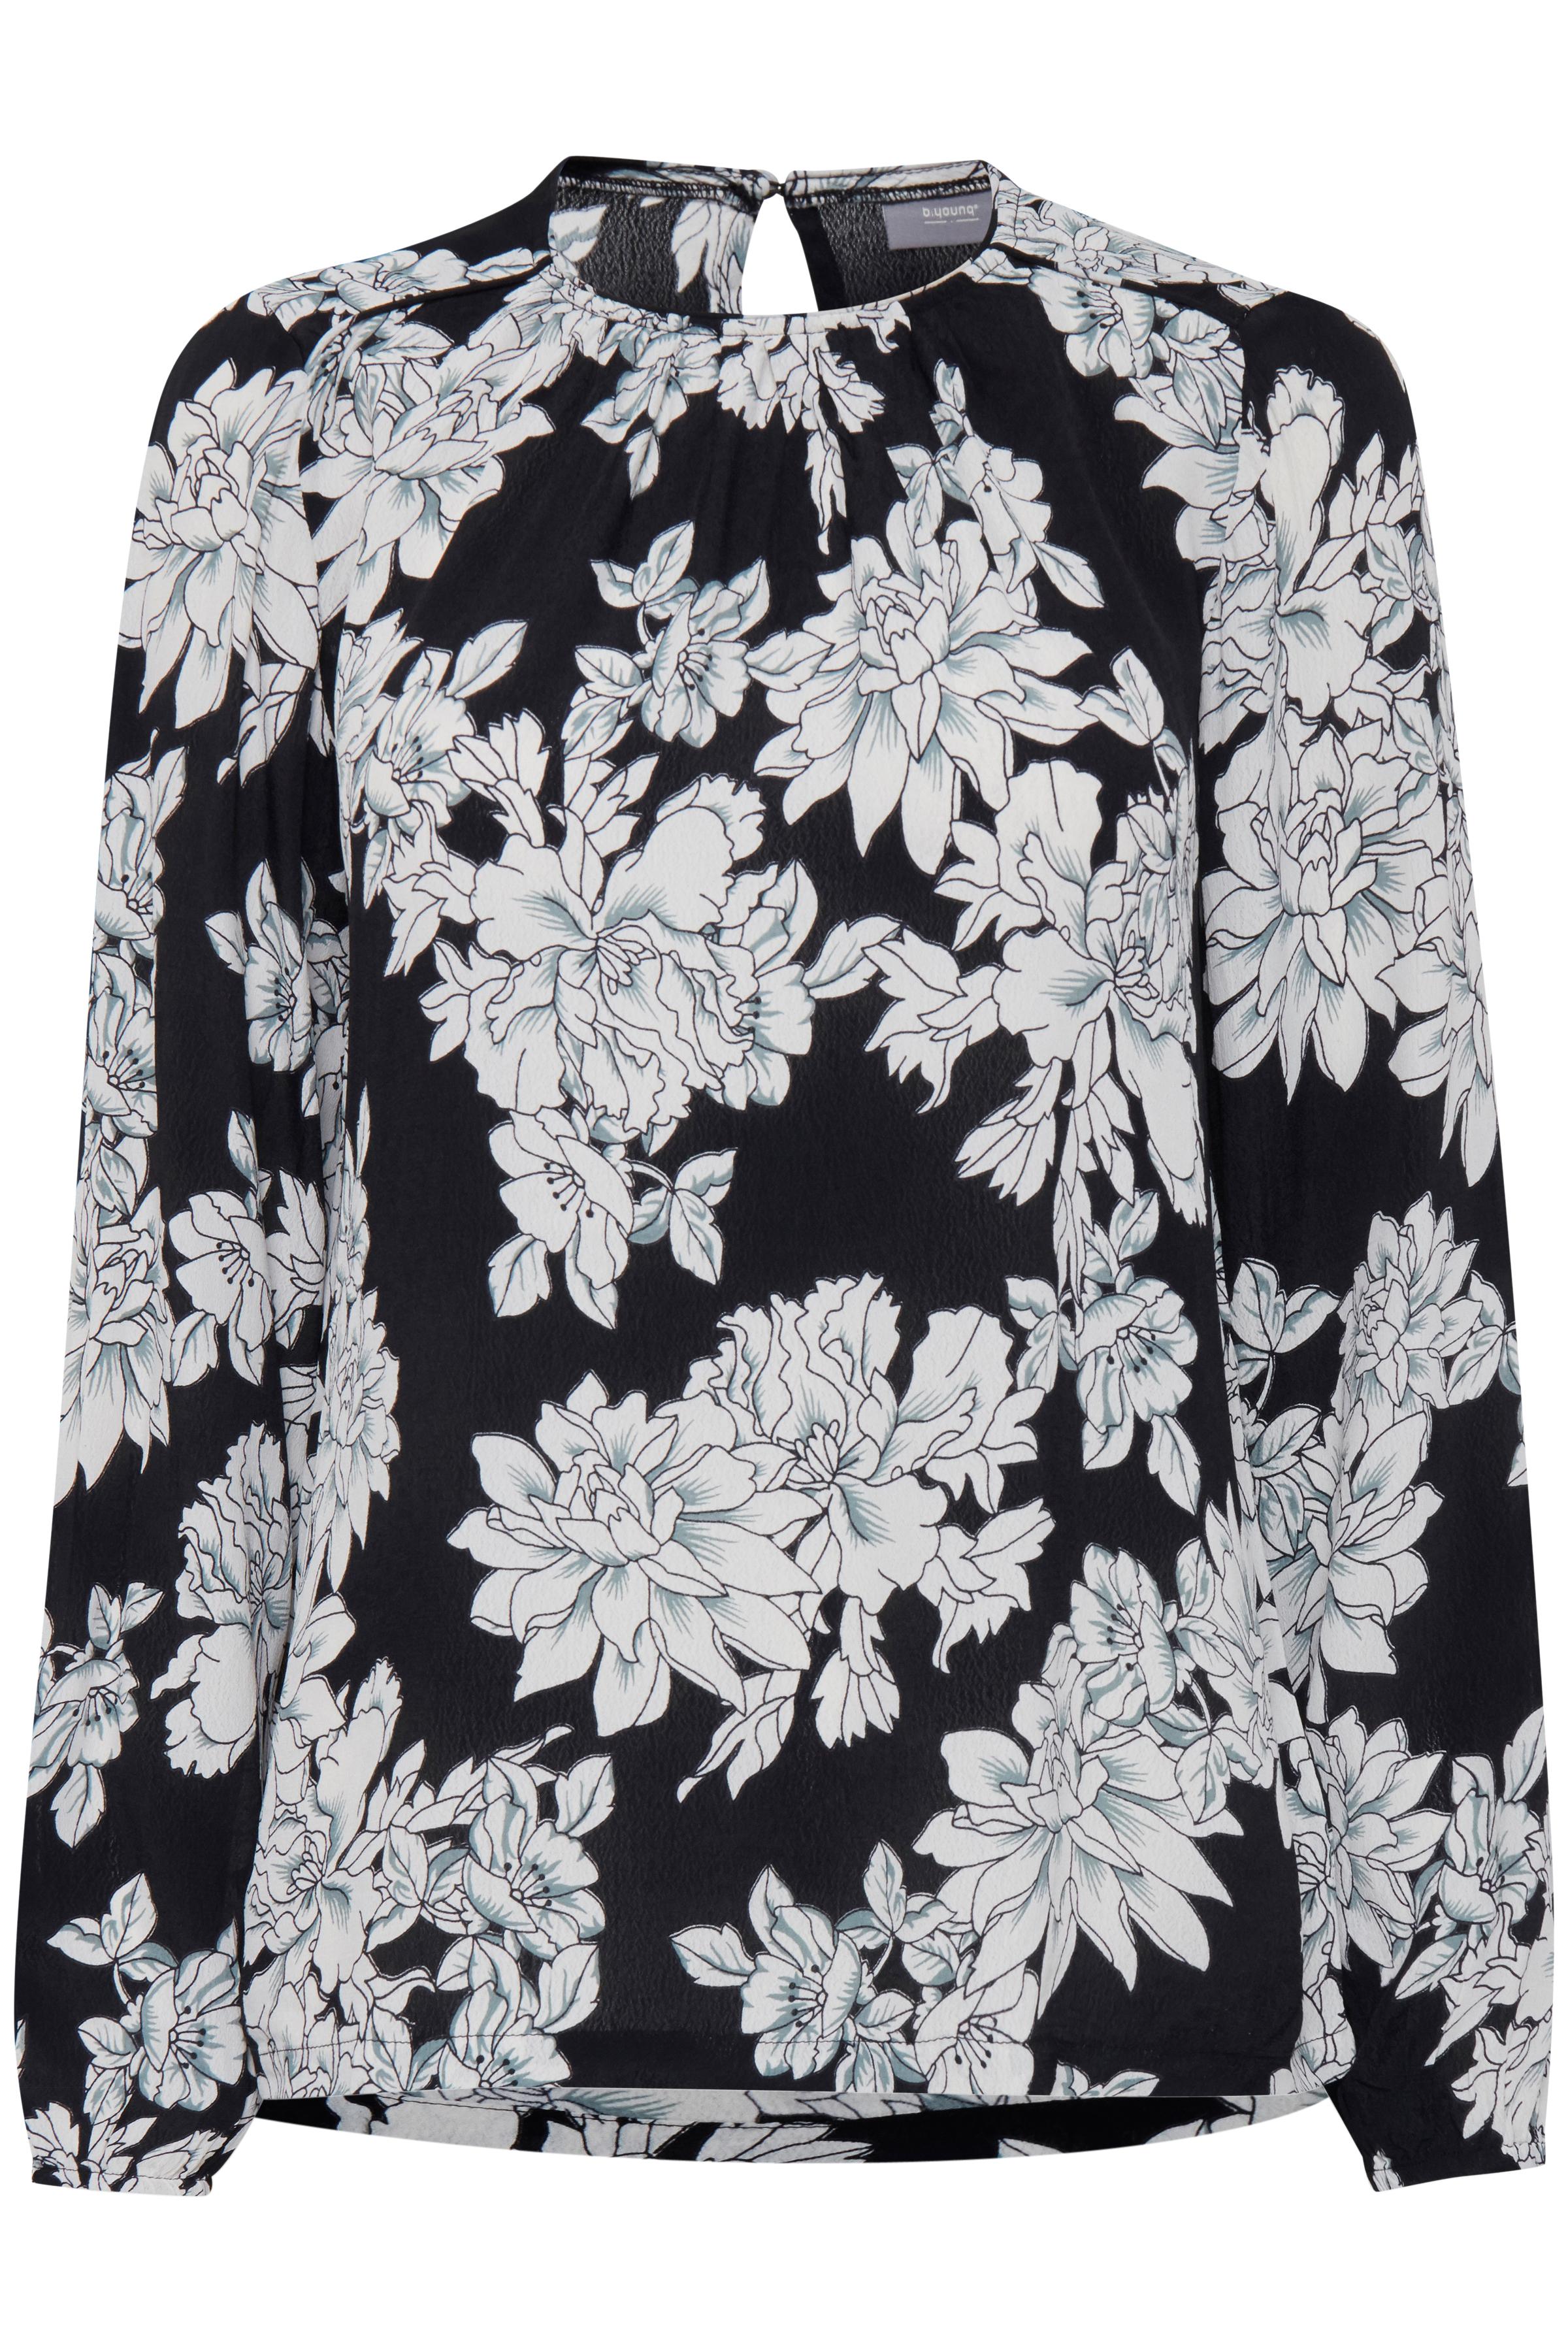 COMBI 2 Langærmet bluse fra b.young – Køb COMBI 2 Langærmet bluse fra str. 34-46 her